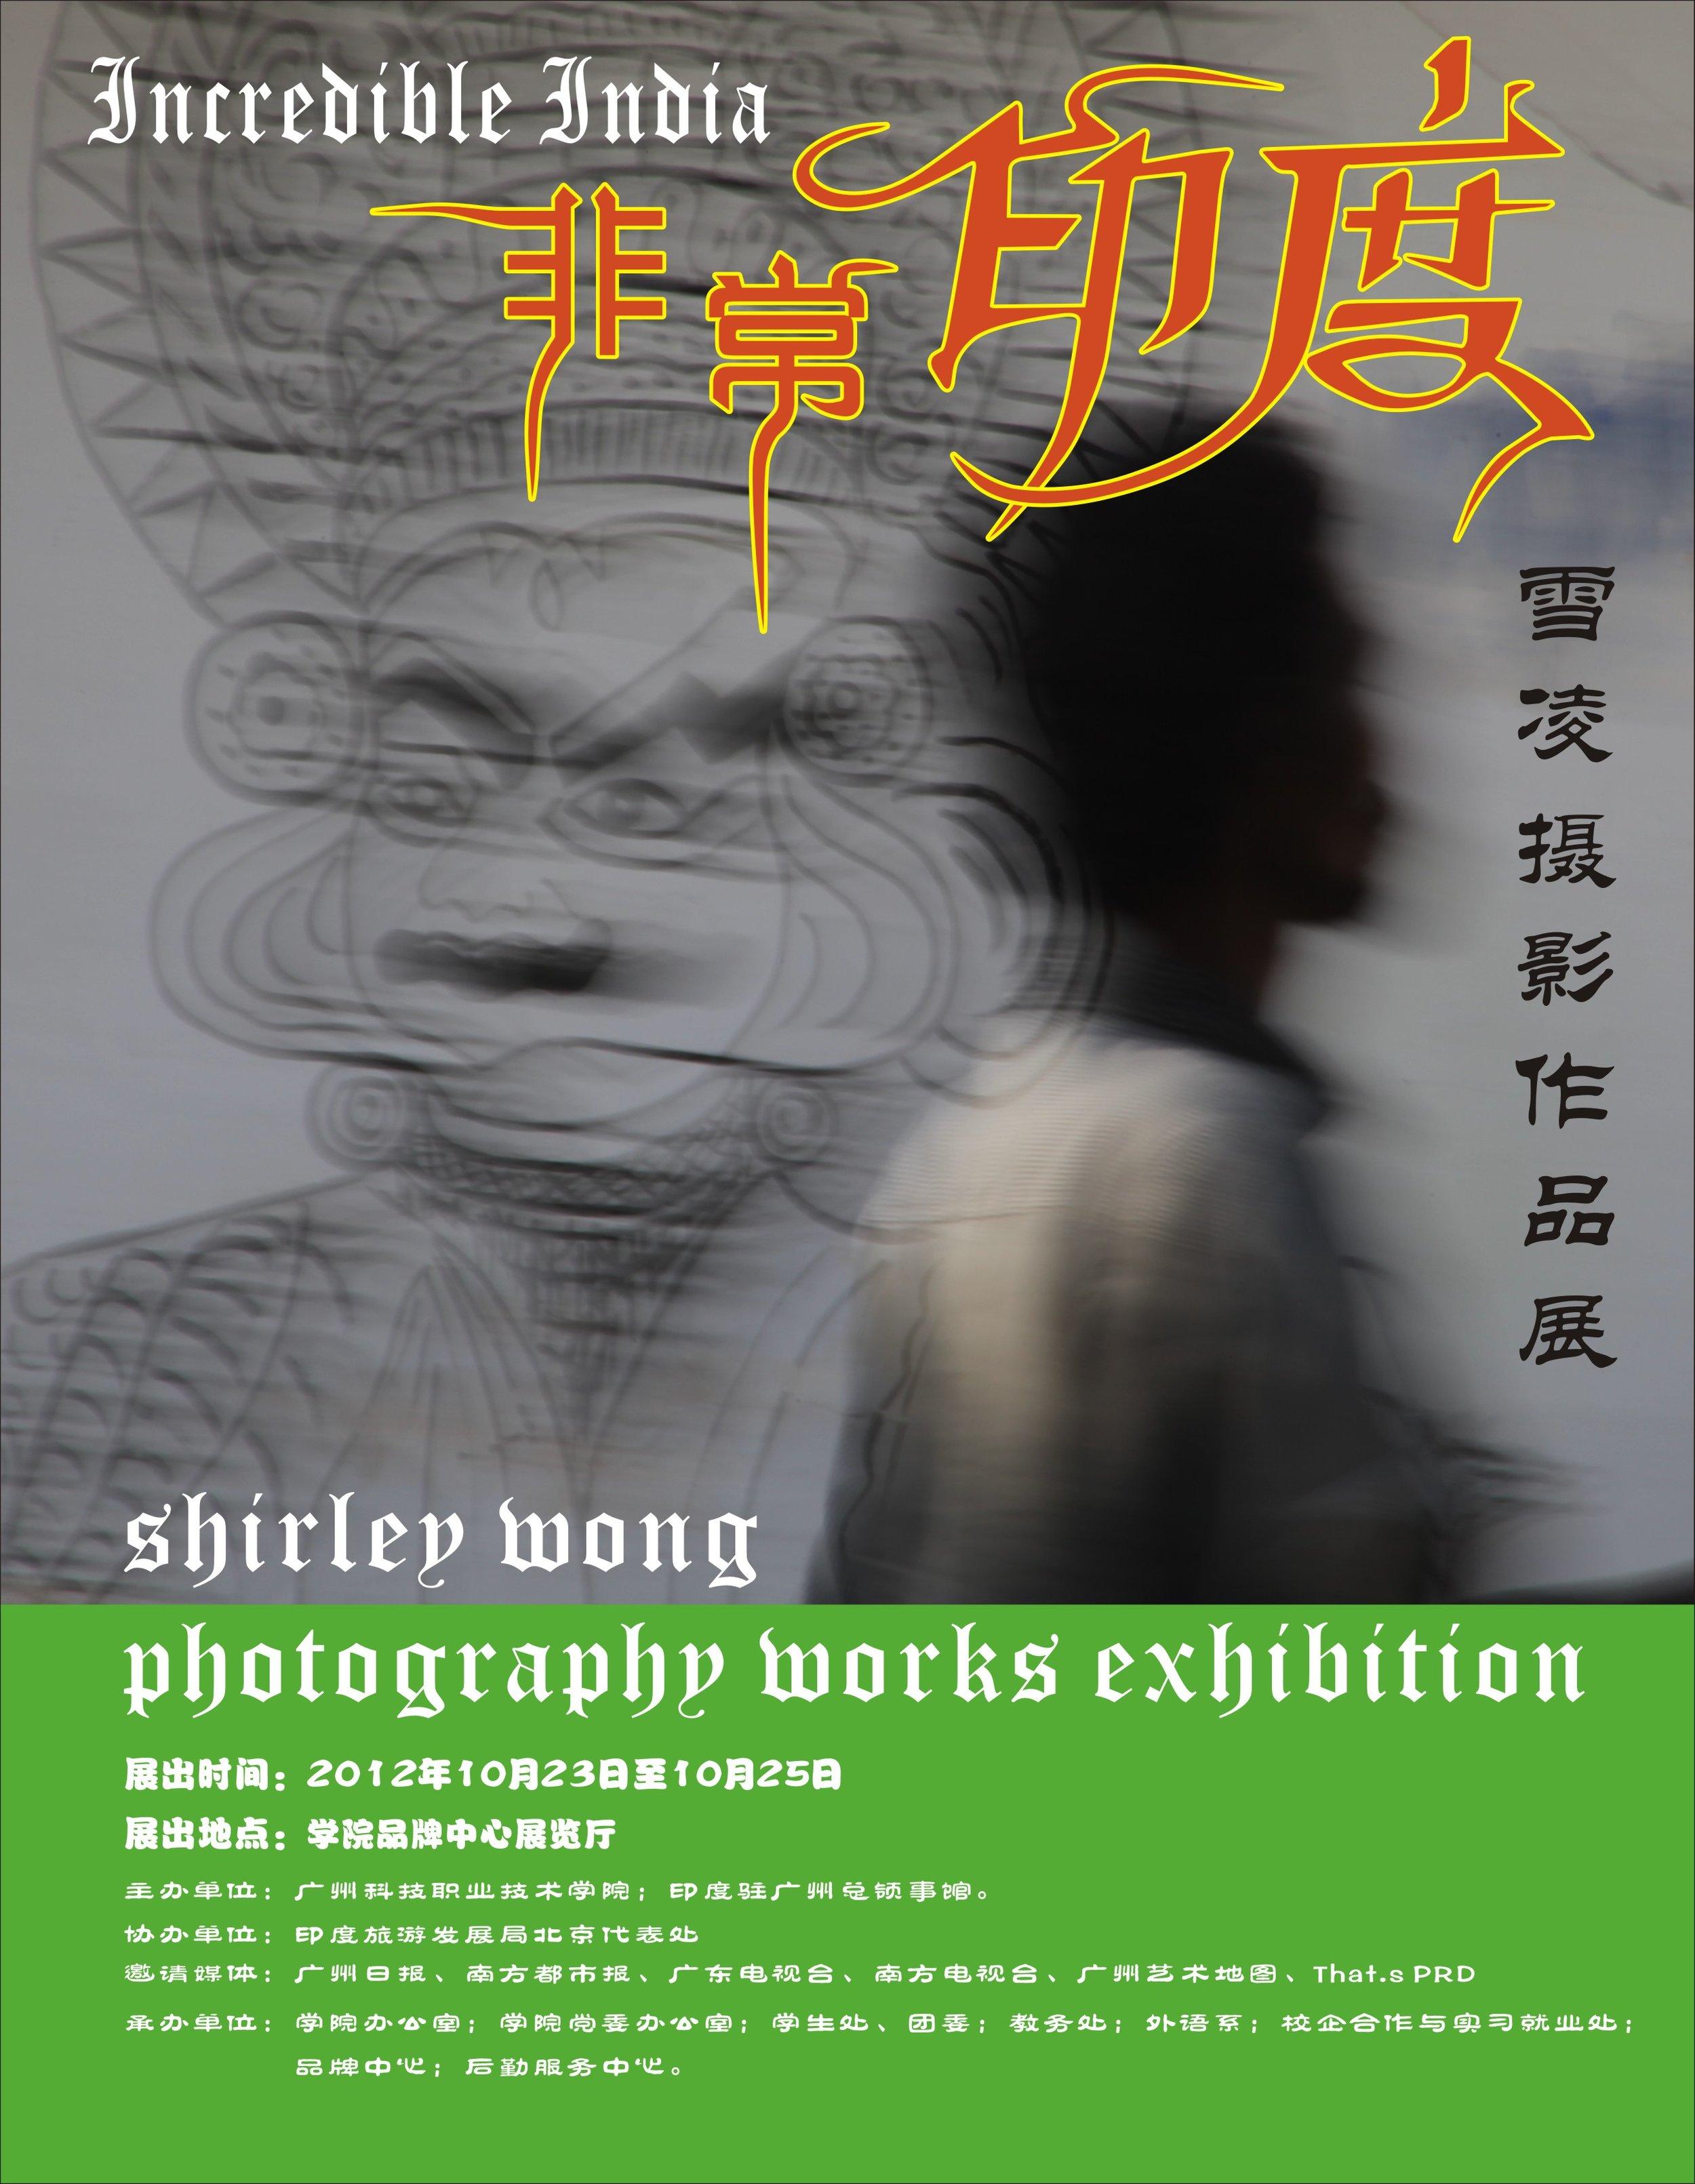 - 2012 Guangzhou.China